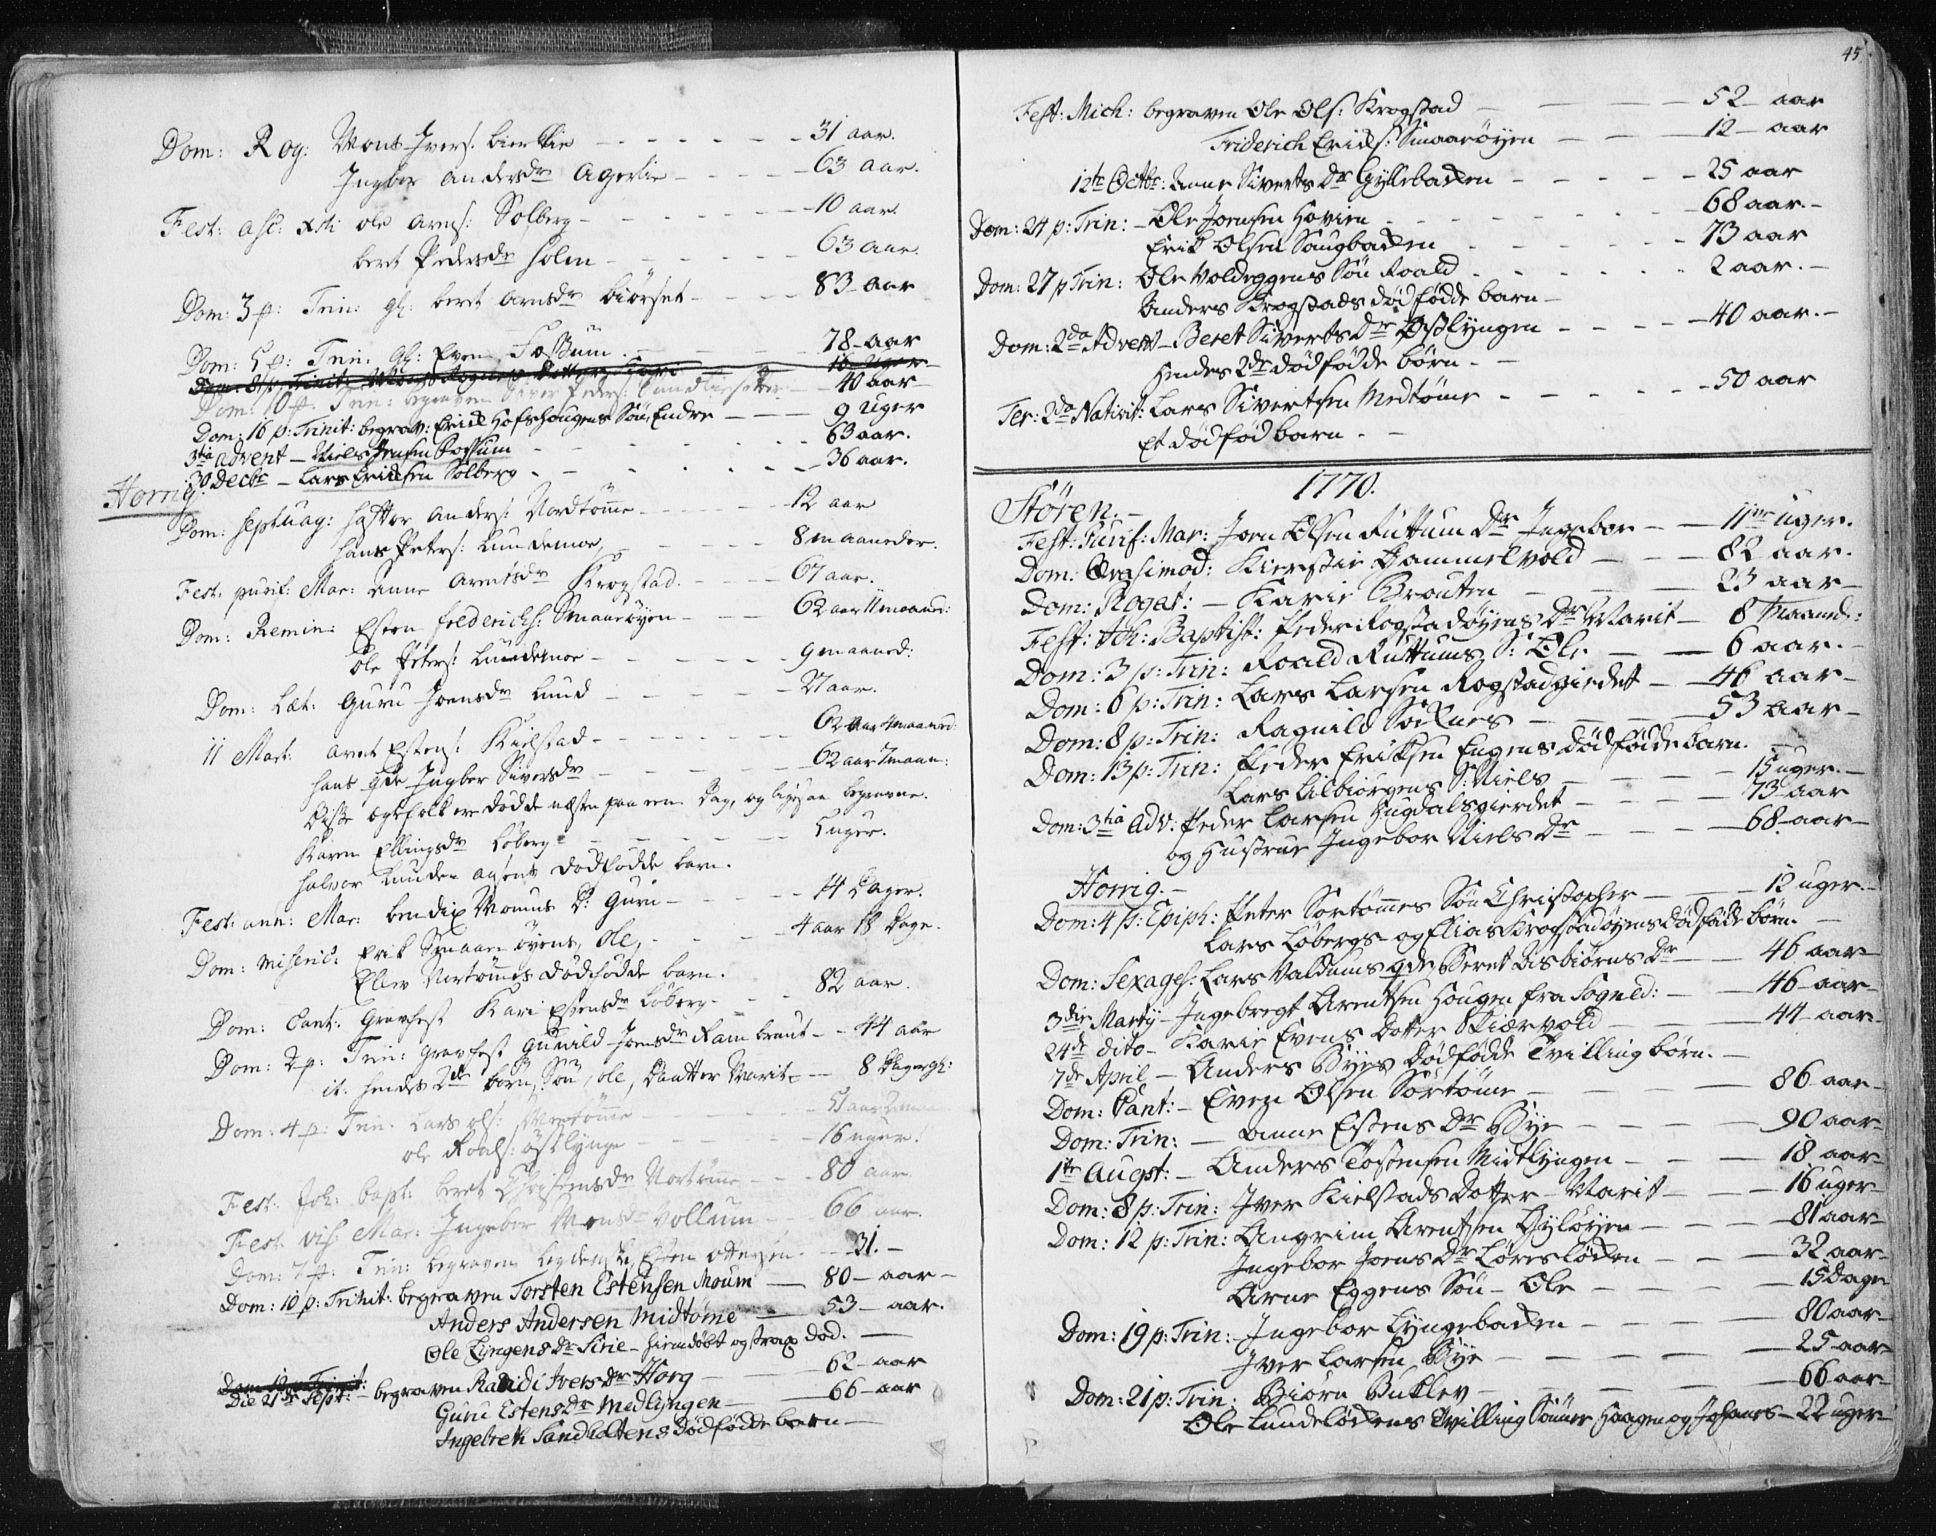 SAT, Ministerialprotokoller, klokkerbøker og fødselsregistre - Sør-Trøndelag, 687/L0991: Ministerialbok nr. 687A02, 1747-1790, s. 45